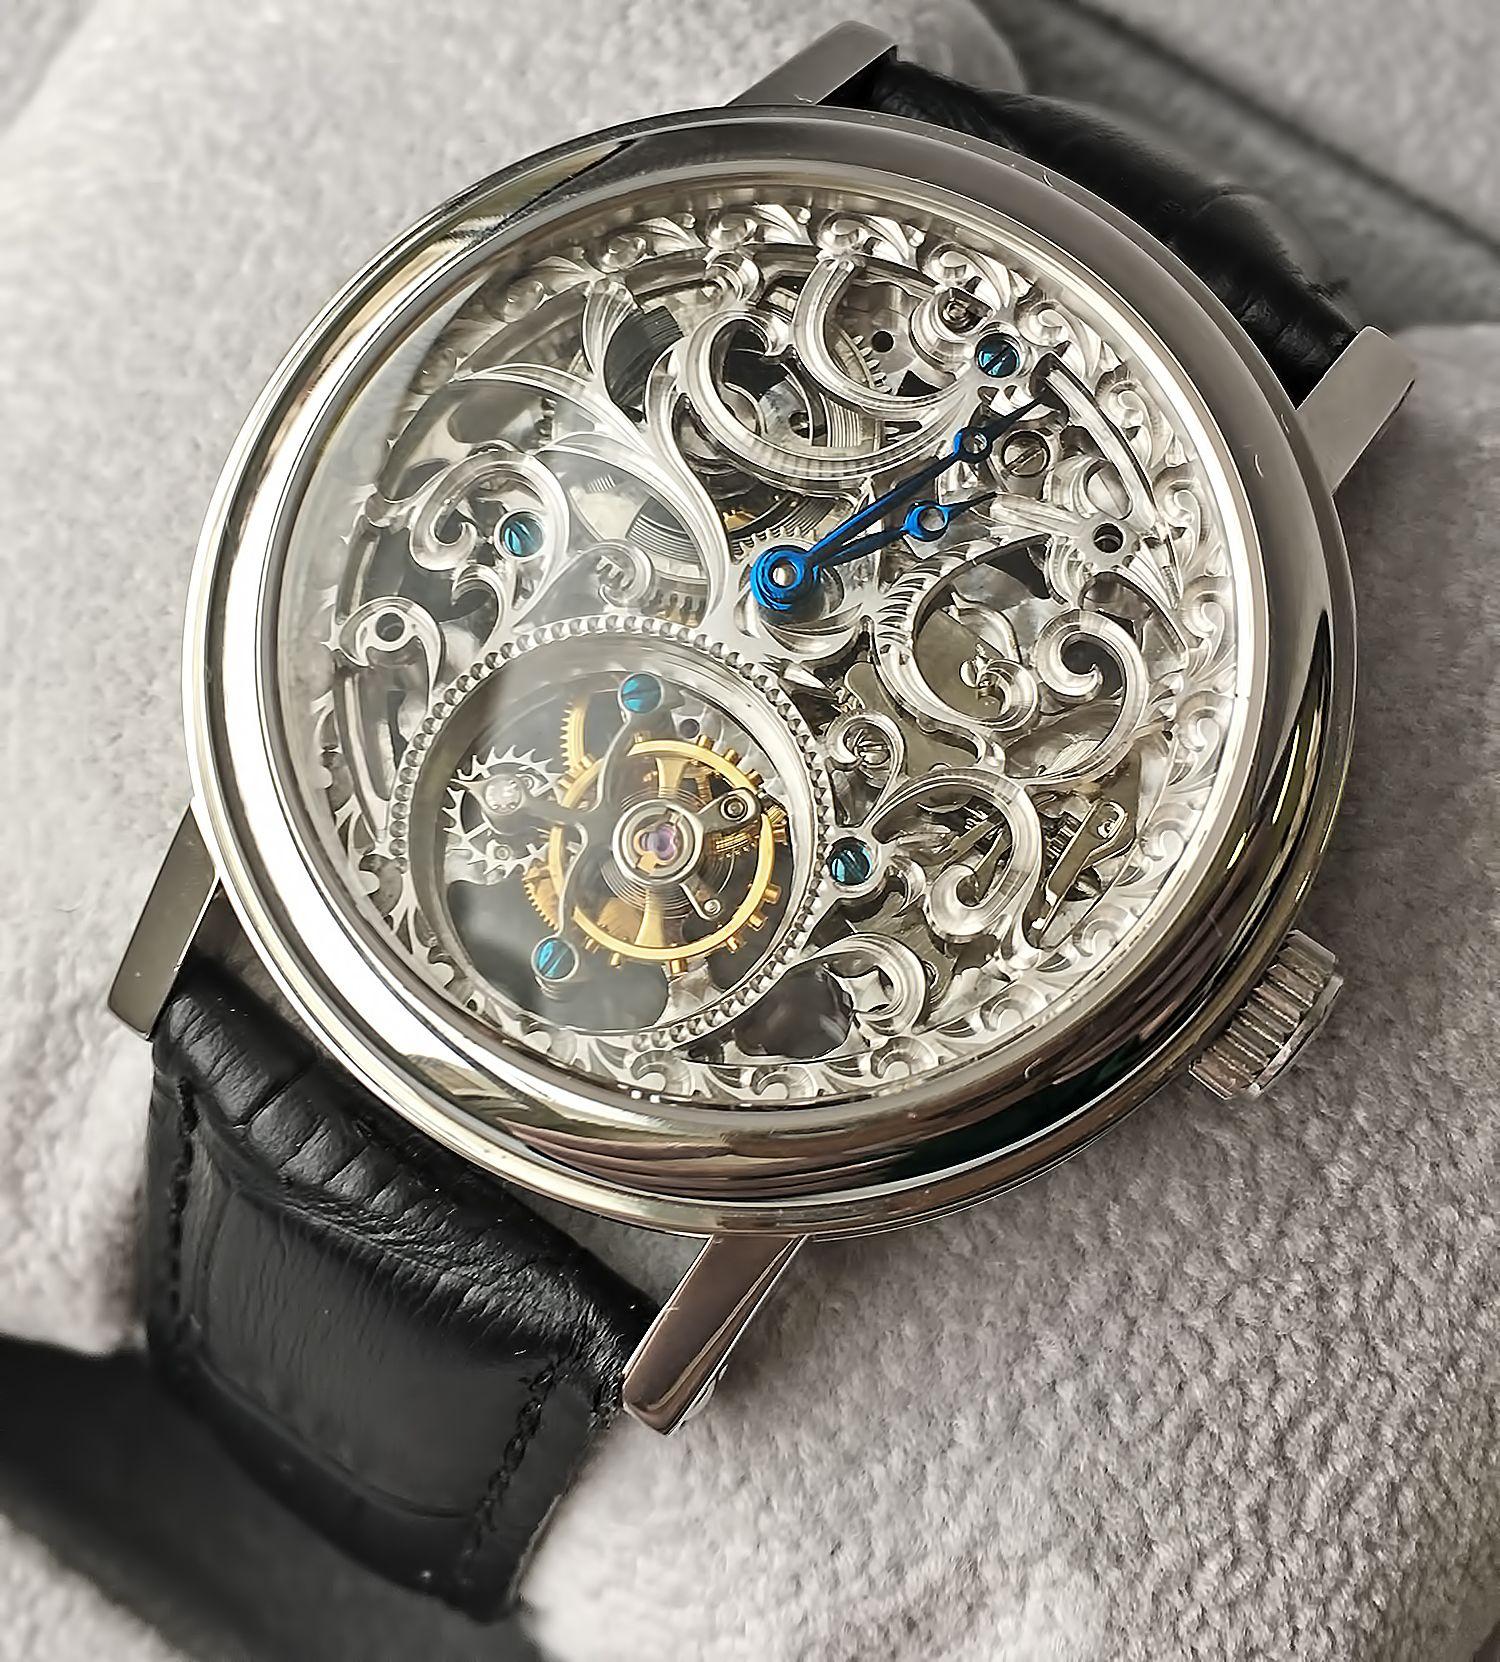 Точная копия часов Breguet Classique Skeleton Tourbillon Steel Watch